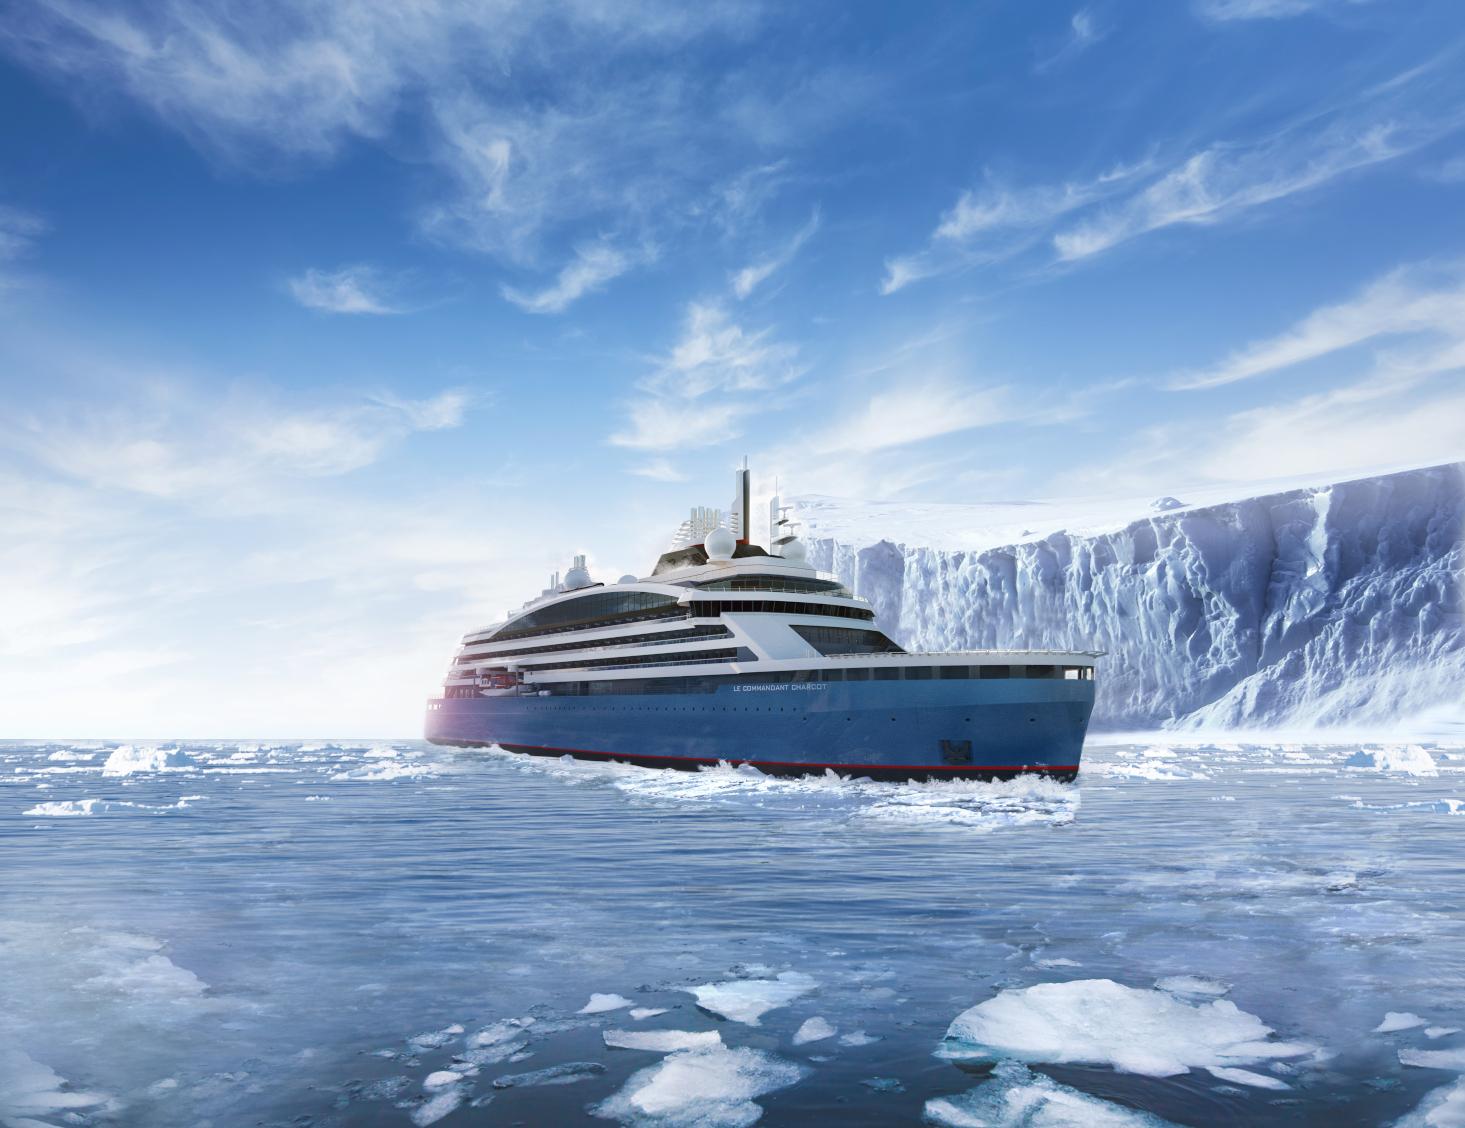 Ab Mai 2021 bringt dieLe Commandant-Charcotder Kreuzfahrtreederei PONANT ihre Gäste ins Herz des Eises - zum geografischen Nordpol